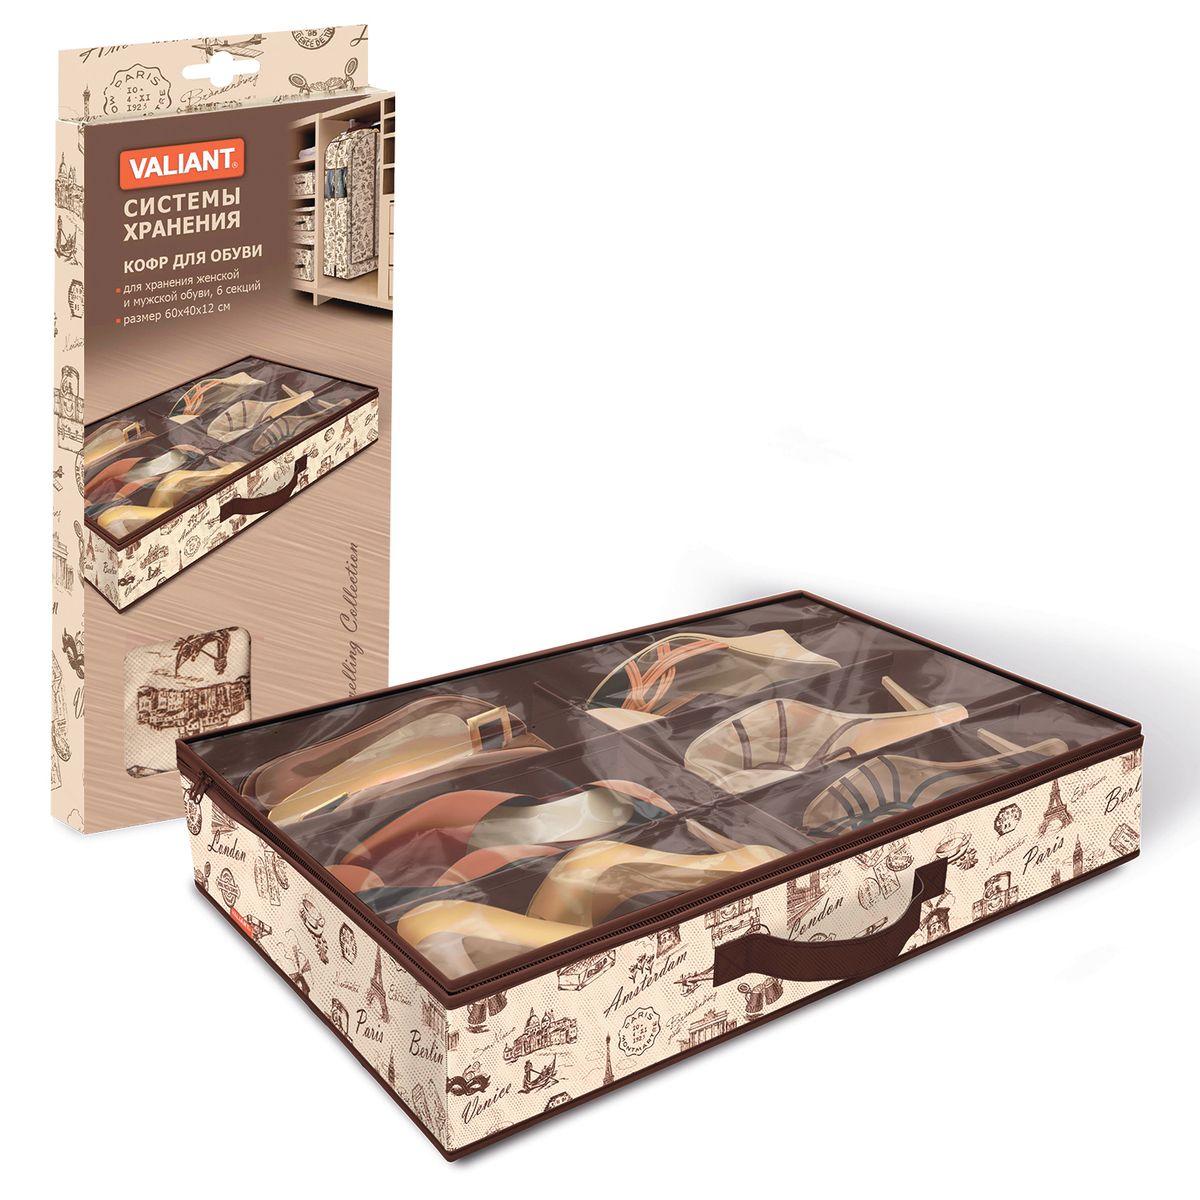 Кофр для хранения обуви Valiant Collection, 6 секций, 60 х 40 х 12 смTD 0033Вместительный кофр Valiant Collection изготовлен из высококачественного прочного нетканого материала и предназначен для долговременного хранения обуви. Кофр, закрывающийся крышкой на застежку-молнию, содержит 6 секций. Крышка из прозрачного ПВХ позволяет видеть содержимое. Для удобства в обращении имеется ручка. Кофр защитит вашу обувь от повреждений, пыли, влаги и загрязнений во время хранения и транспортировки. Он пропускает воздух и отталкивает воду. Изделие гармонично смотрится в любом интерьере, привнося в него изысканность и дизайнерскую изюминку. Кофр - это новый взгляд на систему хранения - теперь хранить вещи не только удобно, но и красиво. Размер кофра: 60 х 40 х 12 см. Количество секций: 6 шт.